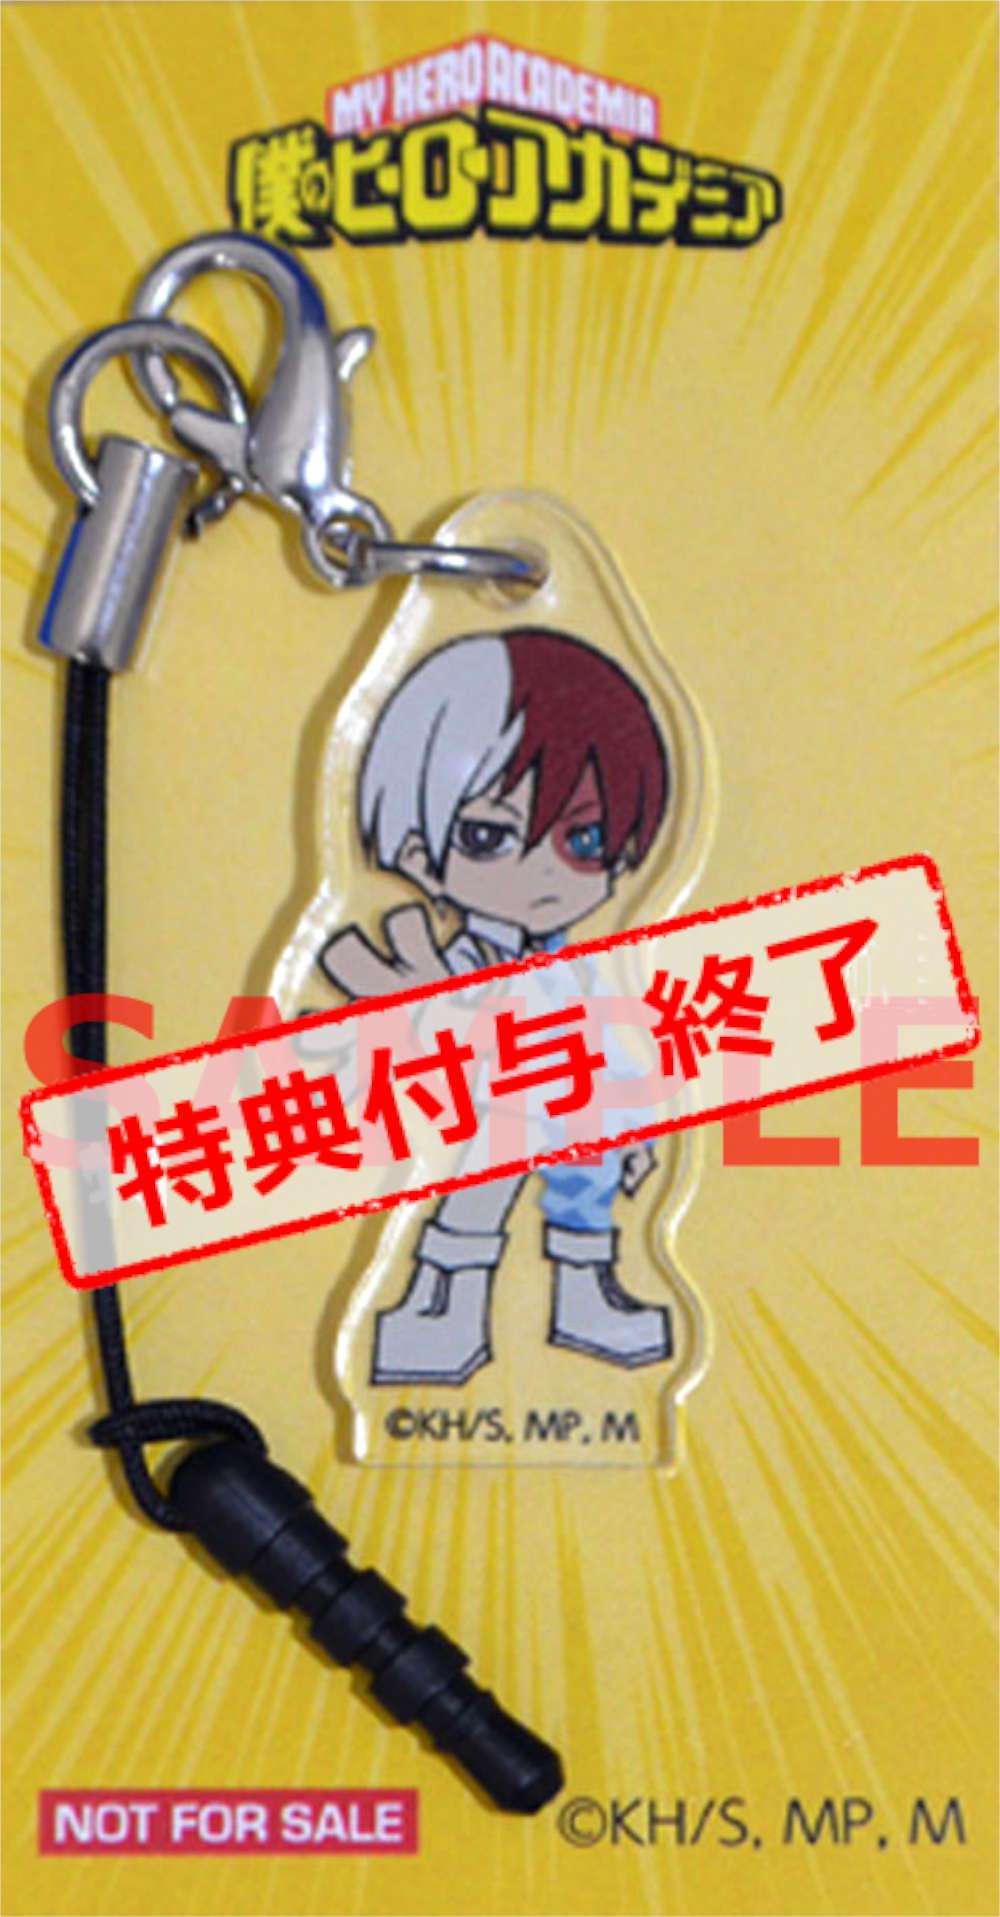 僕のヒーローアカデミア Vol.5 DVD 初回生産限定版